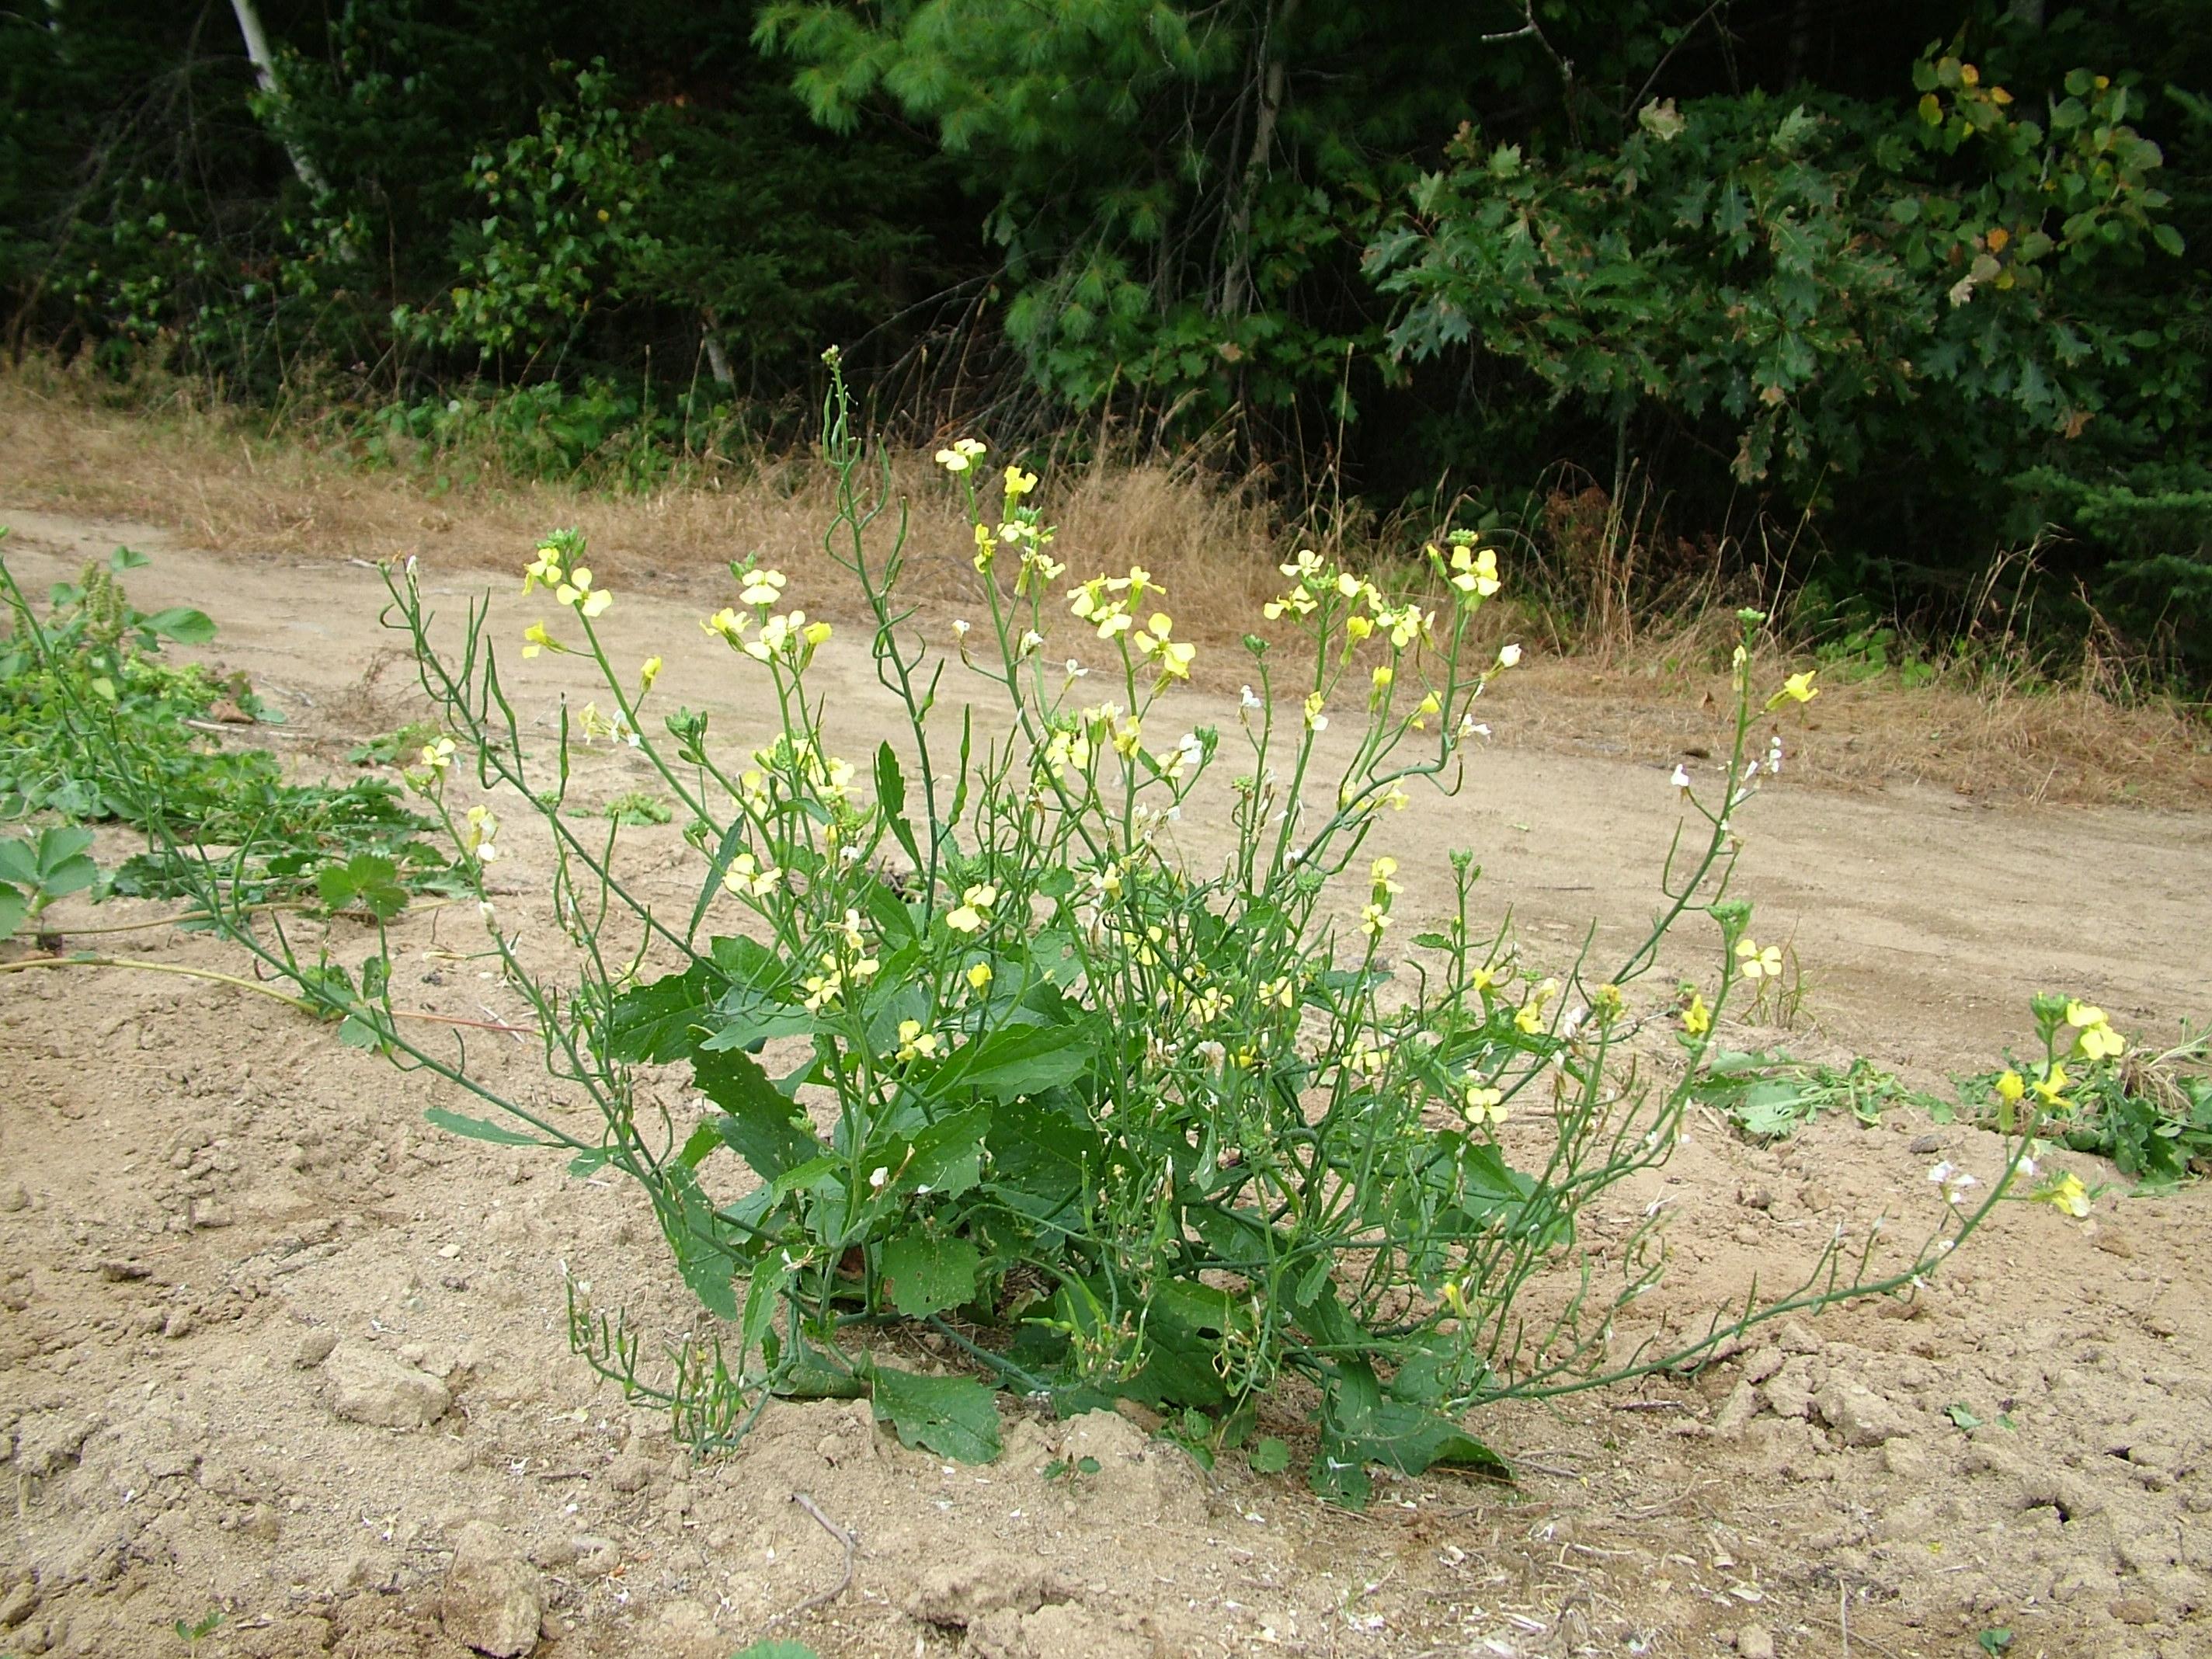 Comment reproduire et conserver vos semences de radis d - Comment semer des radis ...